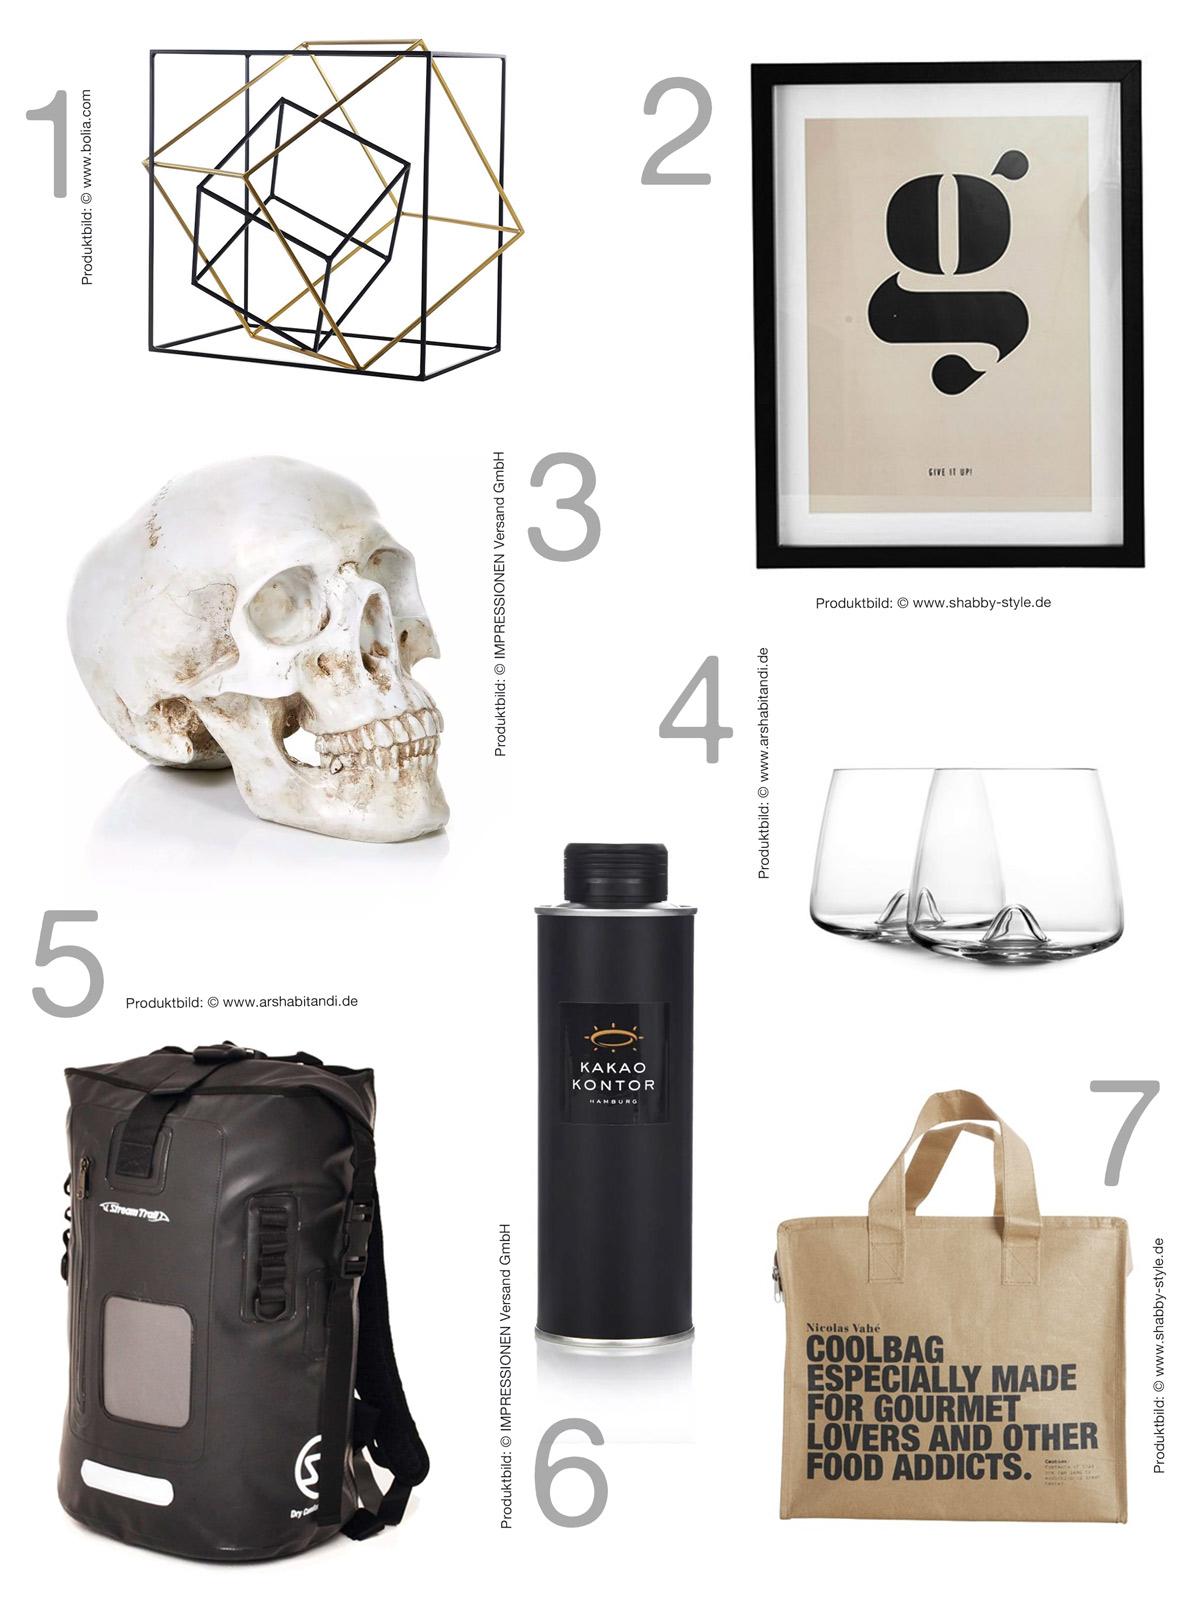 geschenkideen f r m nner weil es jedes jahr wieder. Black Bedroom Furniture Sets. Home Design Ideas